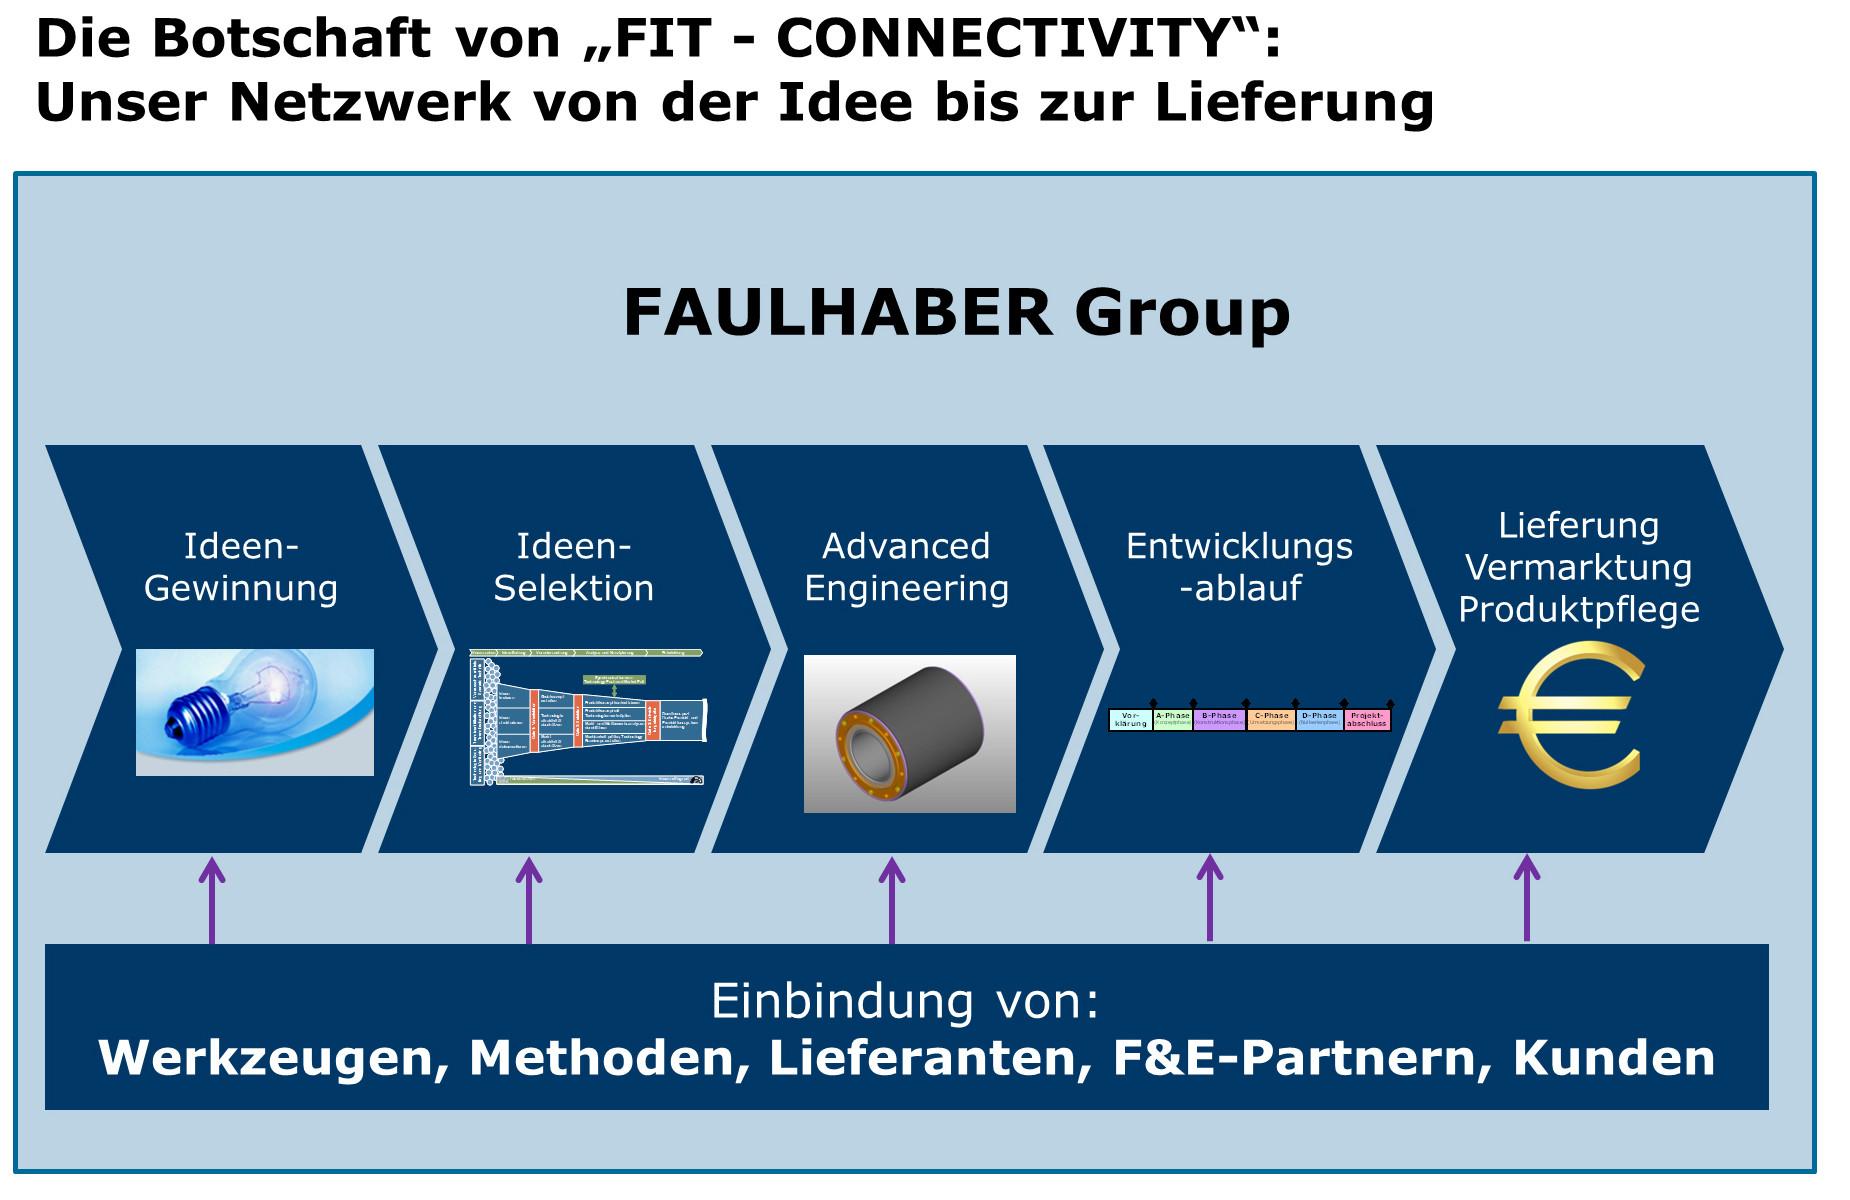 Alle Unternehmen der FAULHABER arbeiten vernetzt: von der Ideengewinnung bis zu Lieferung und Vermarktung. Bild: FAULHABER